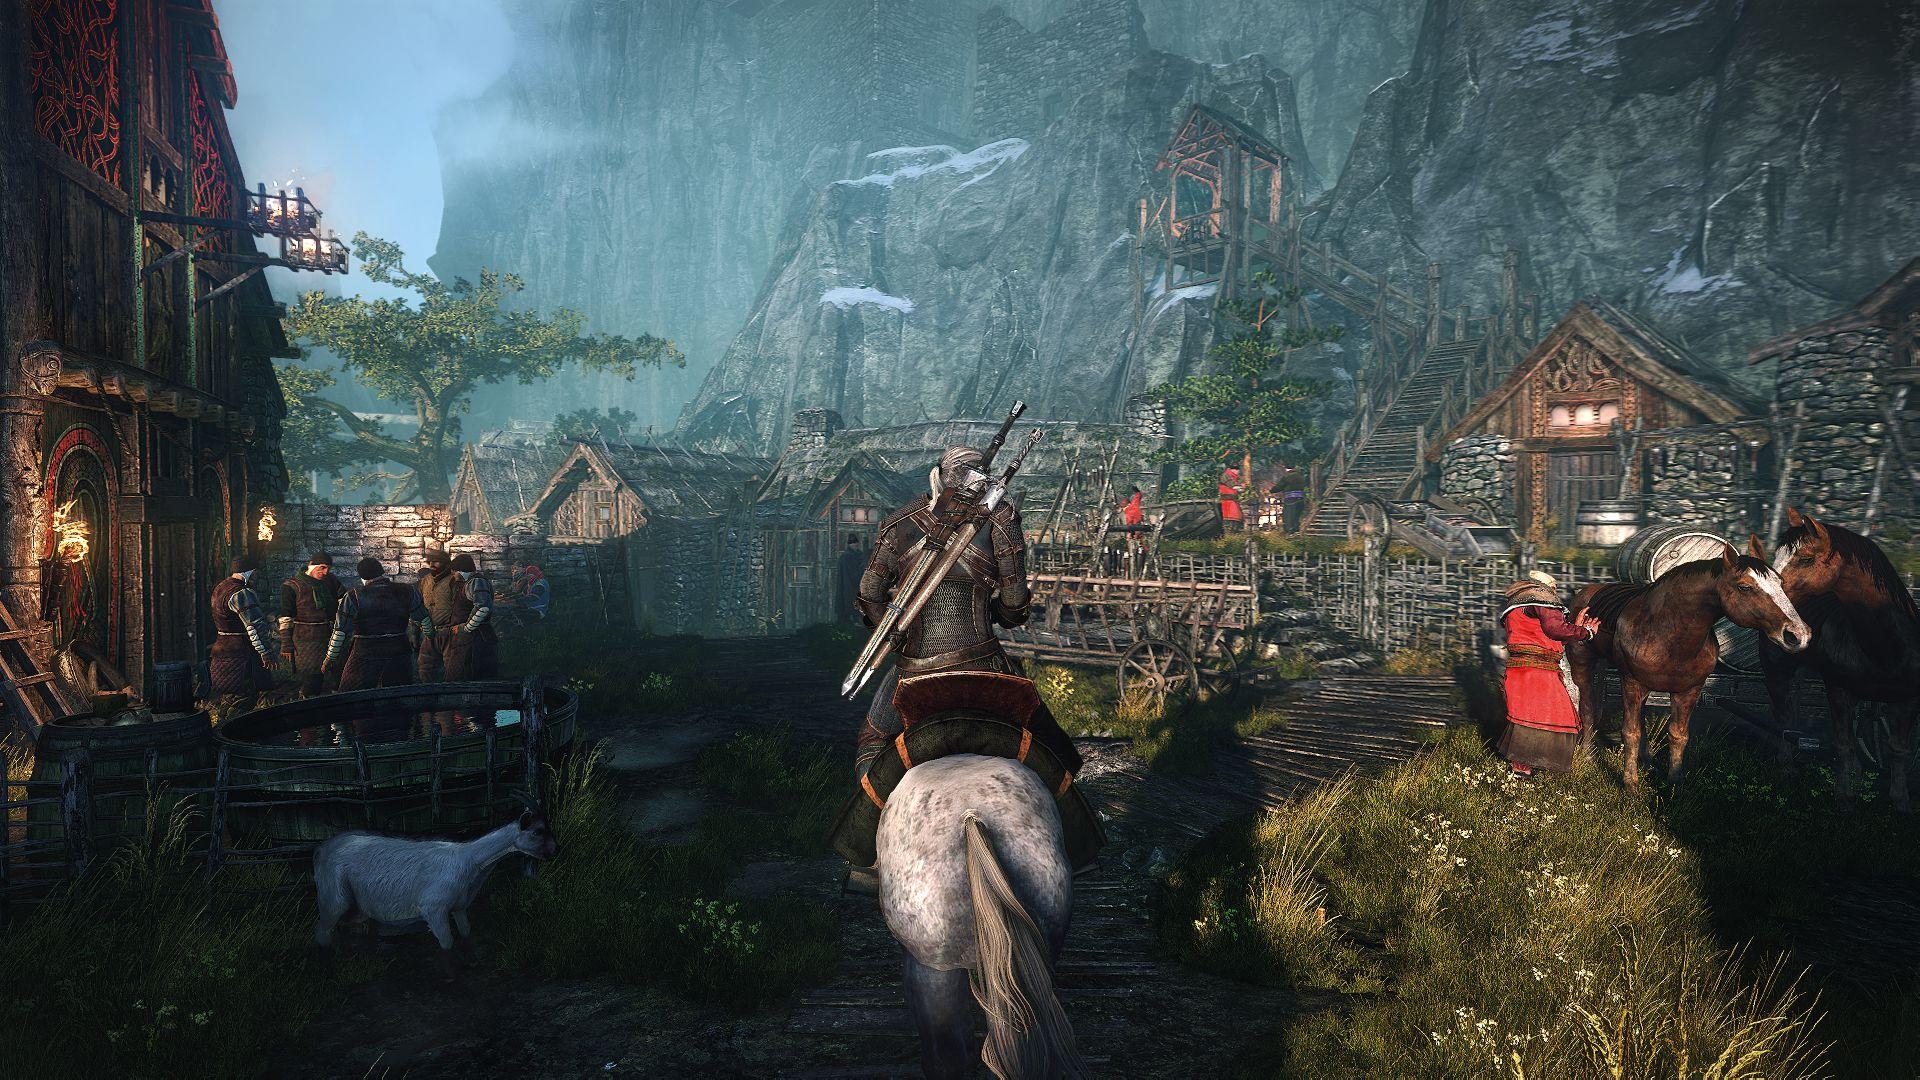 the_witcher_3_wild_hunt_village_in_skellige_1402422292